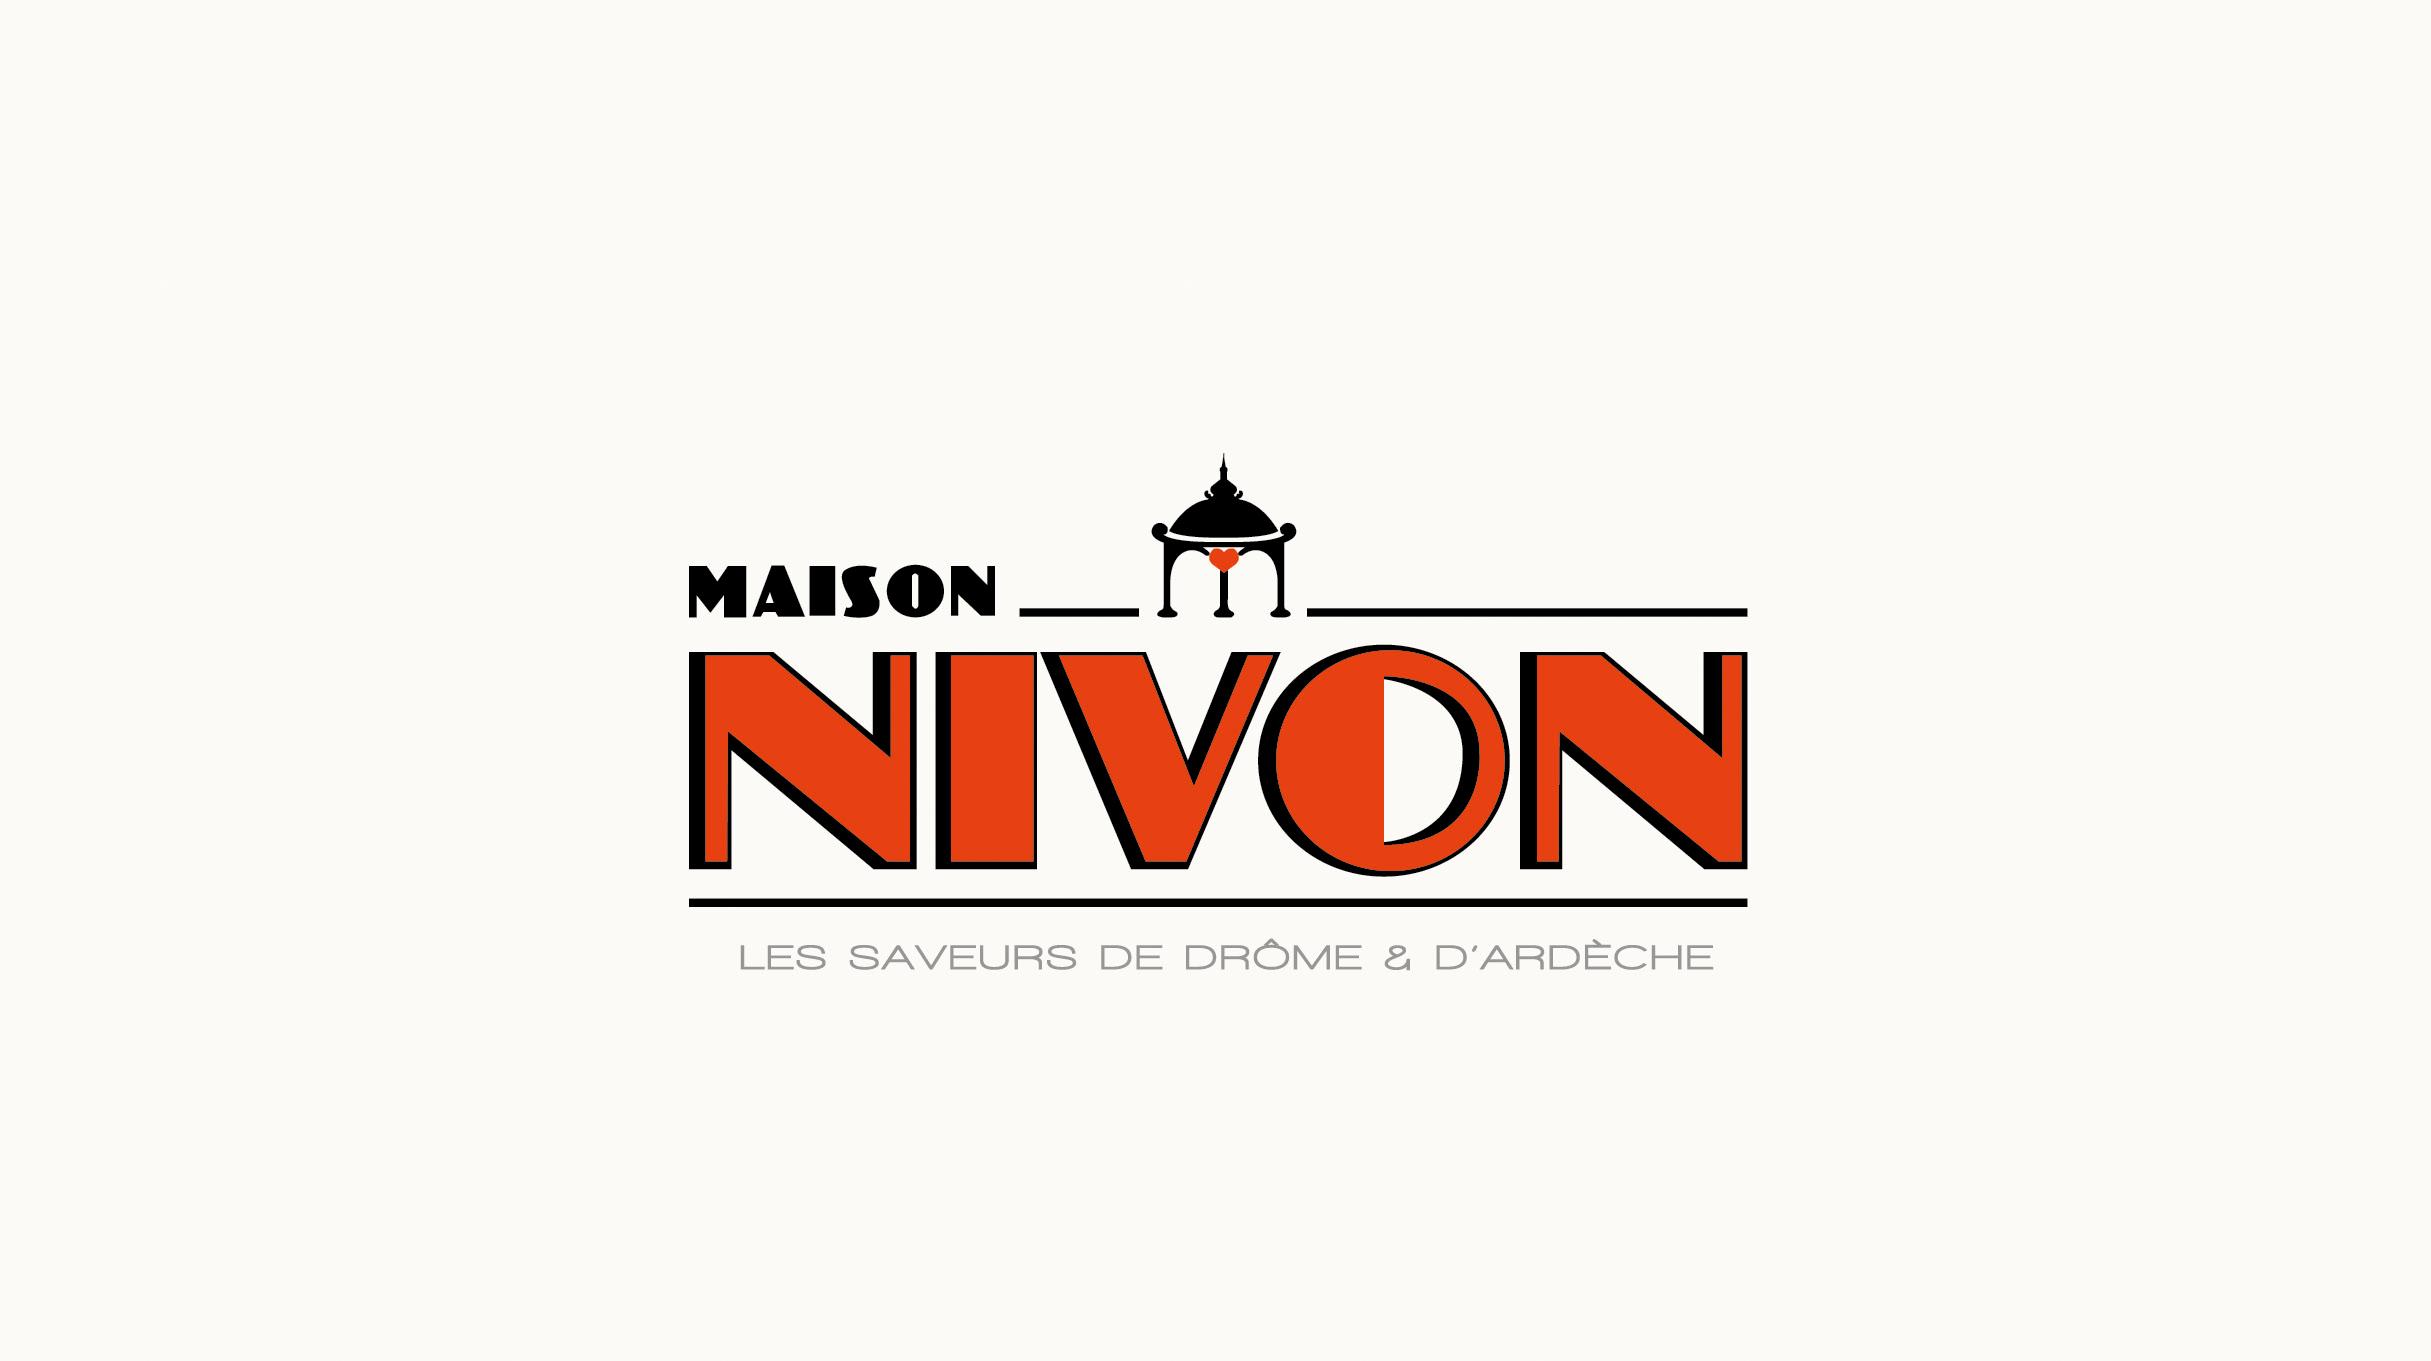 nivon_1